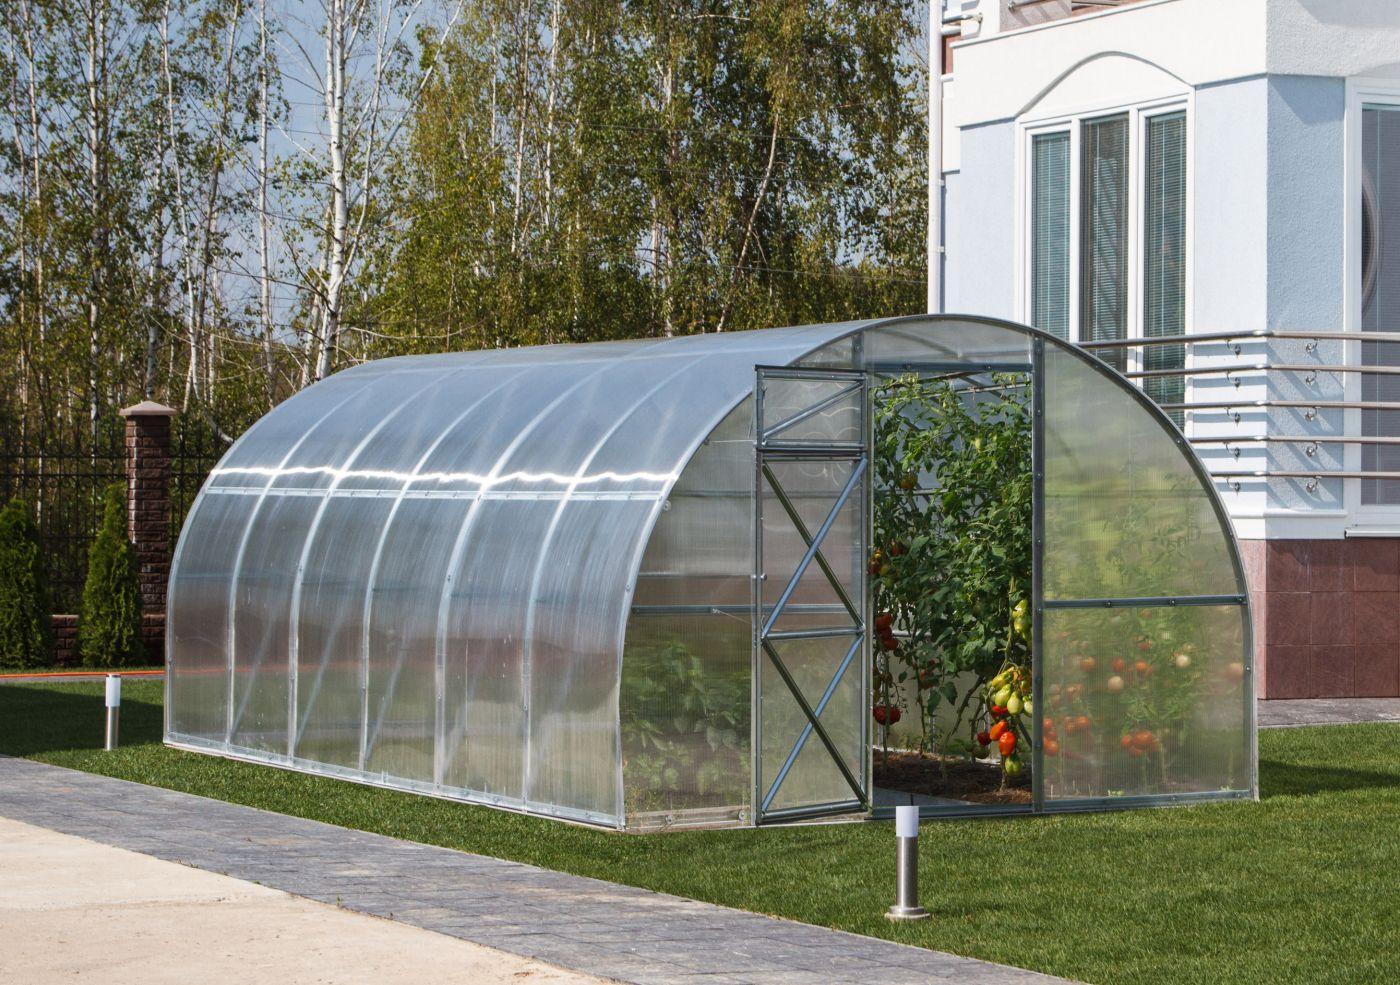 billig drivhus polycarbonat